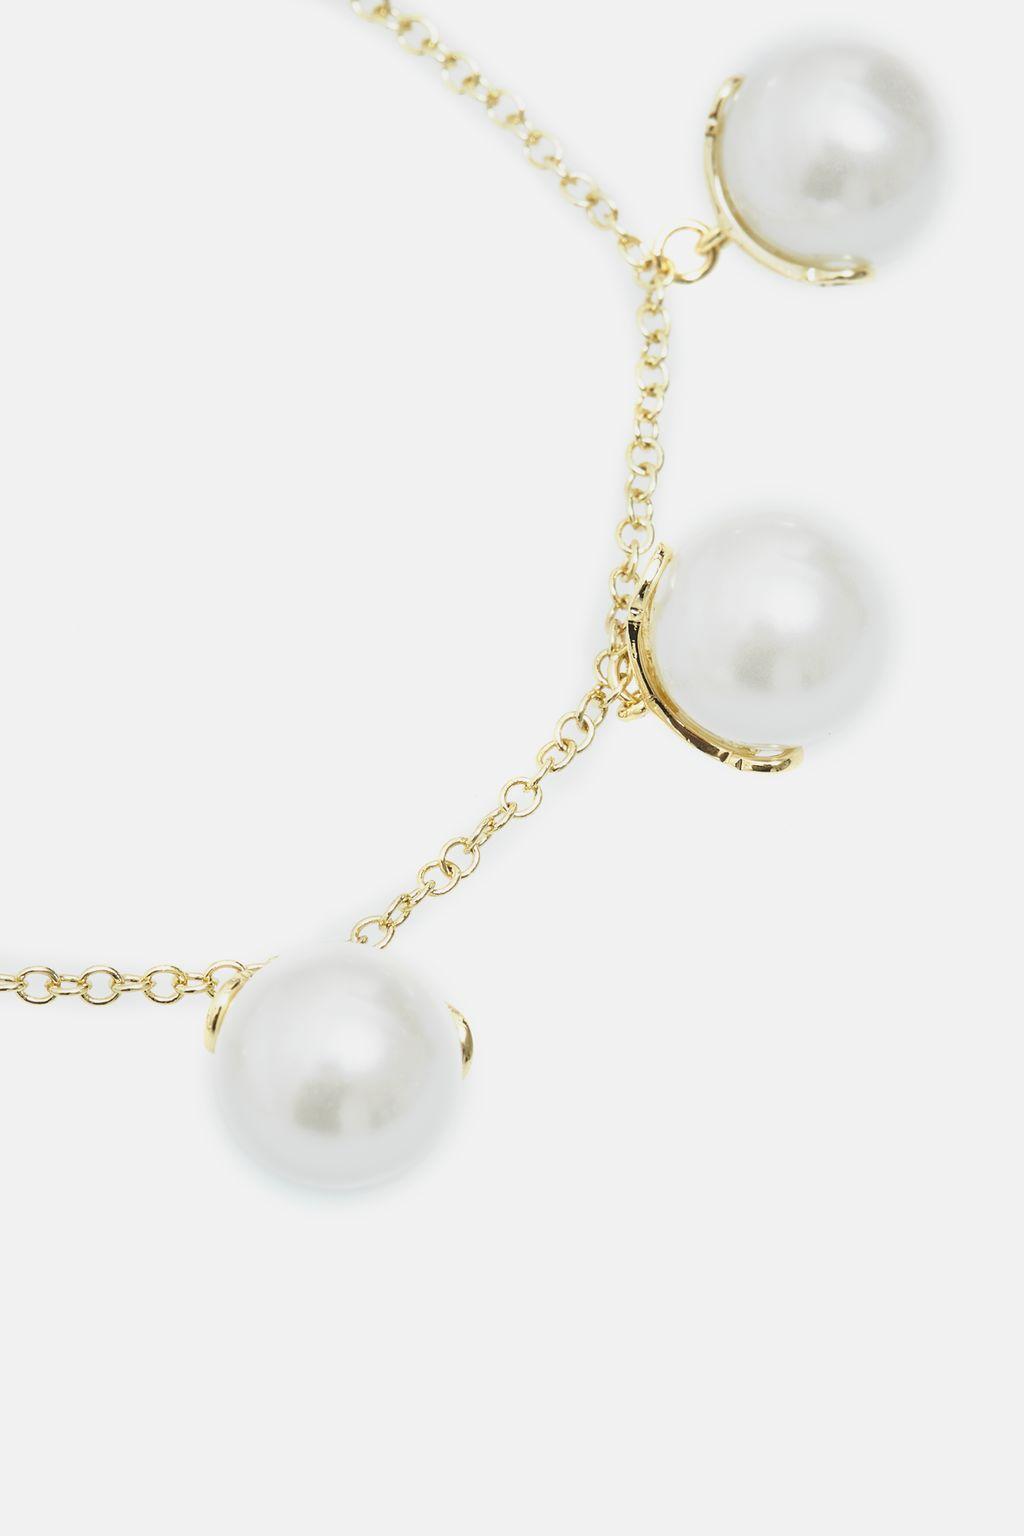 Falling Pearl bracelet